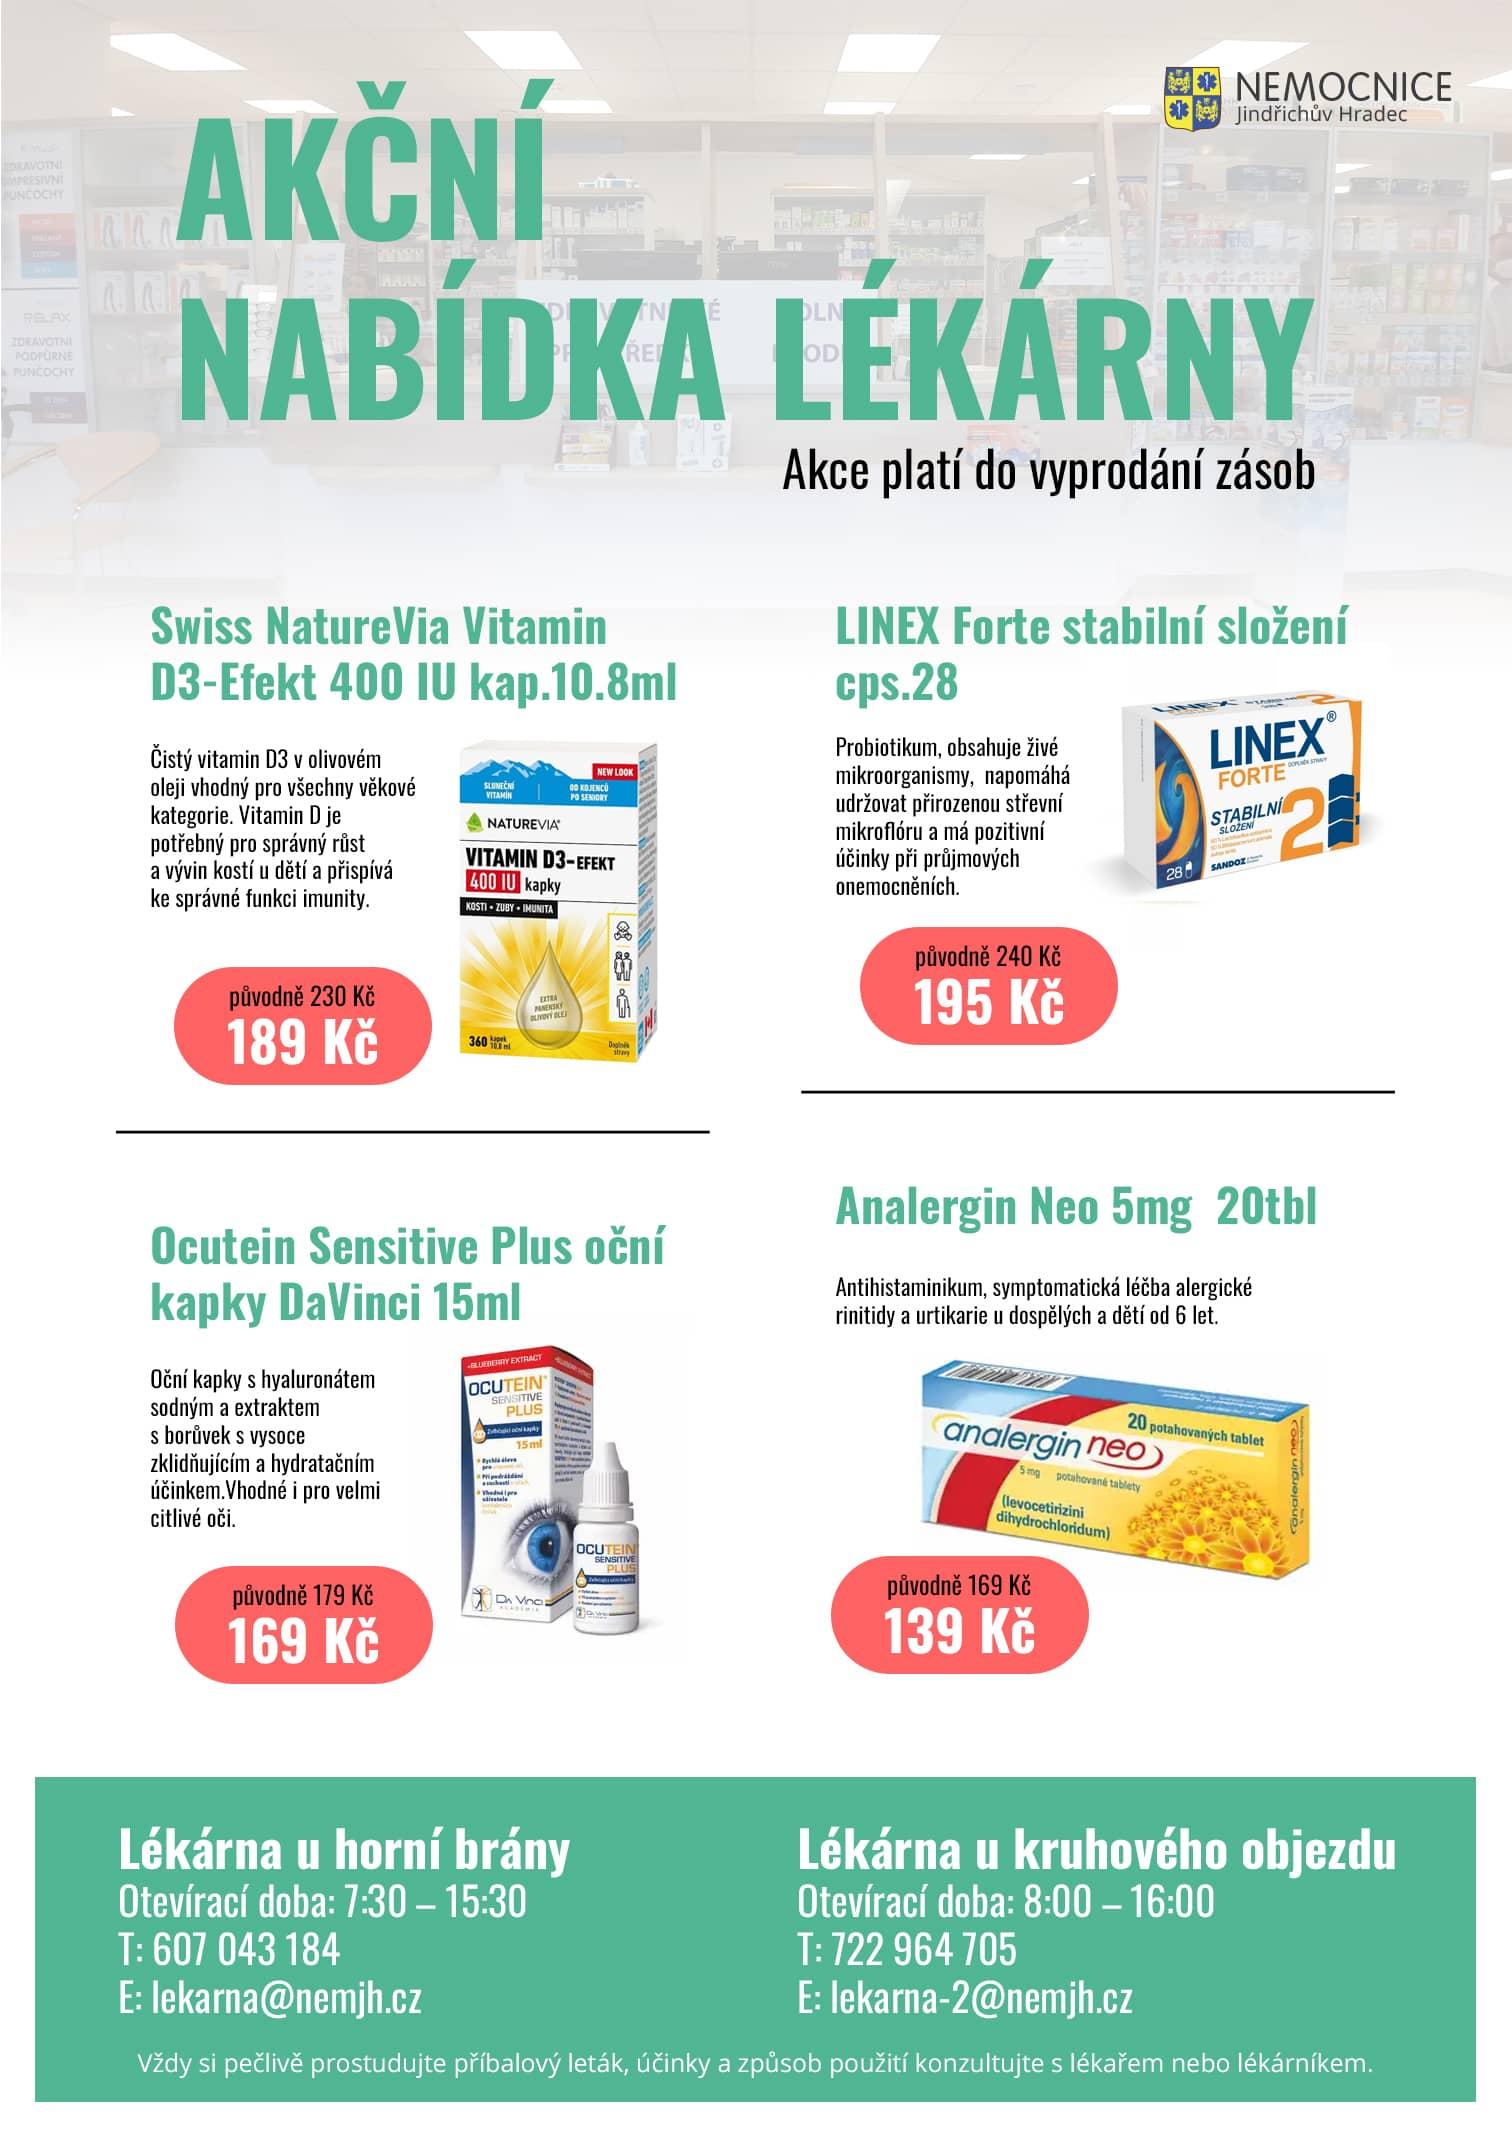 Akční nabídka lékárny NEMJH